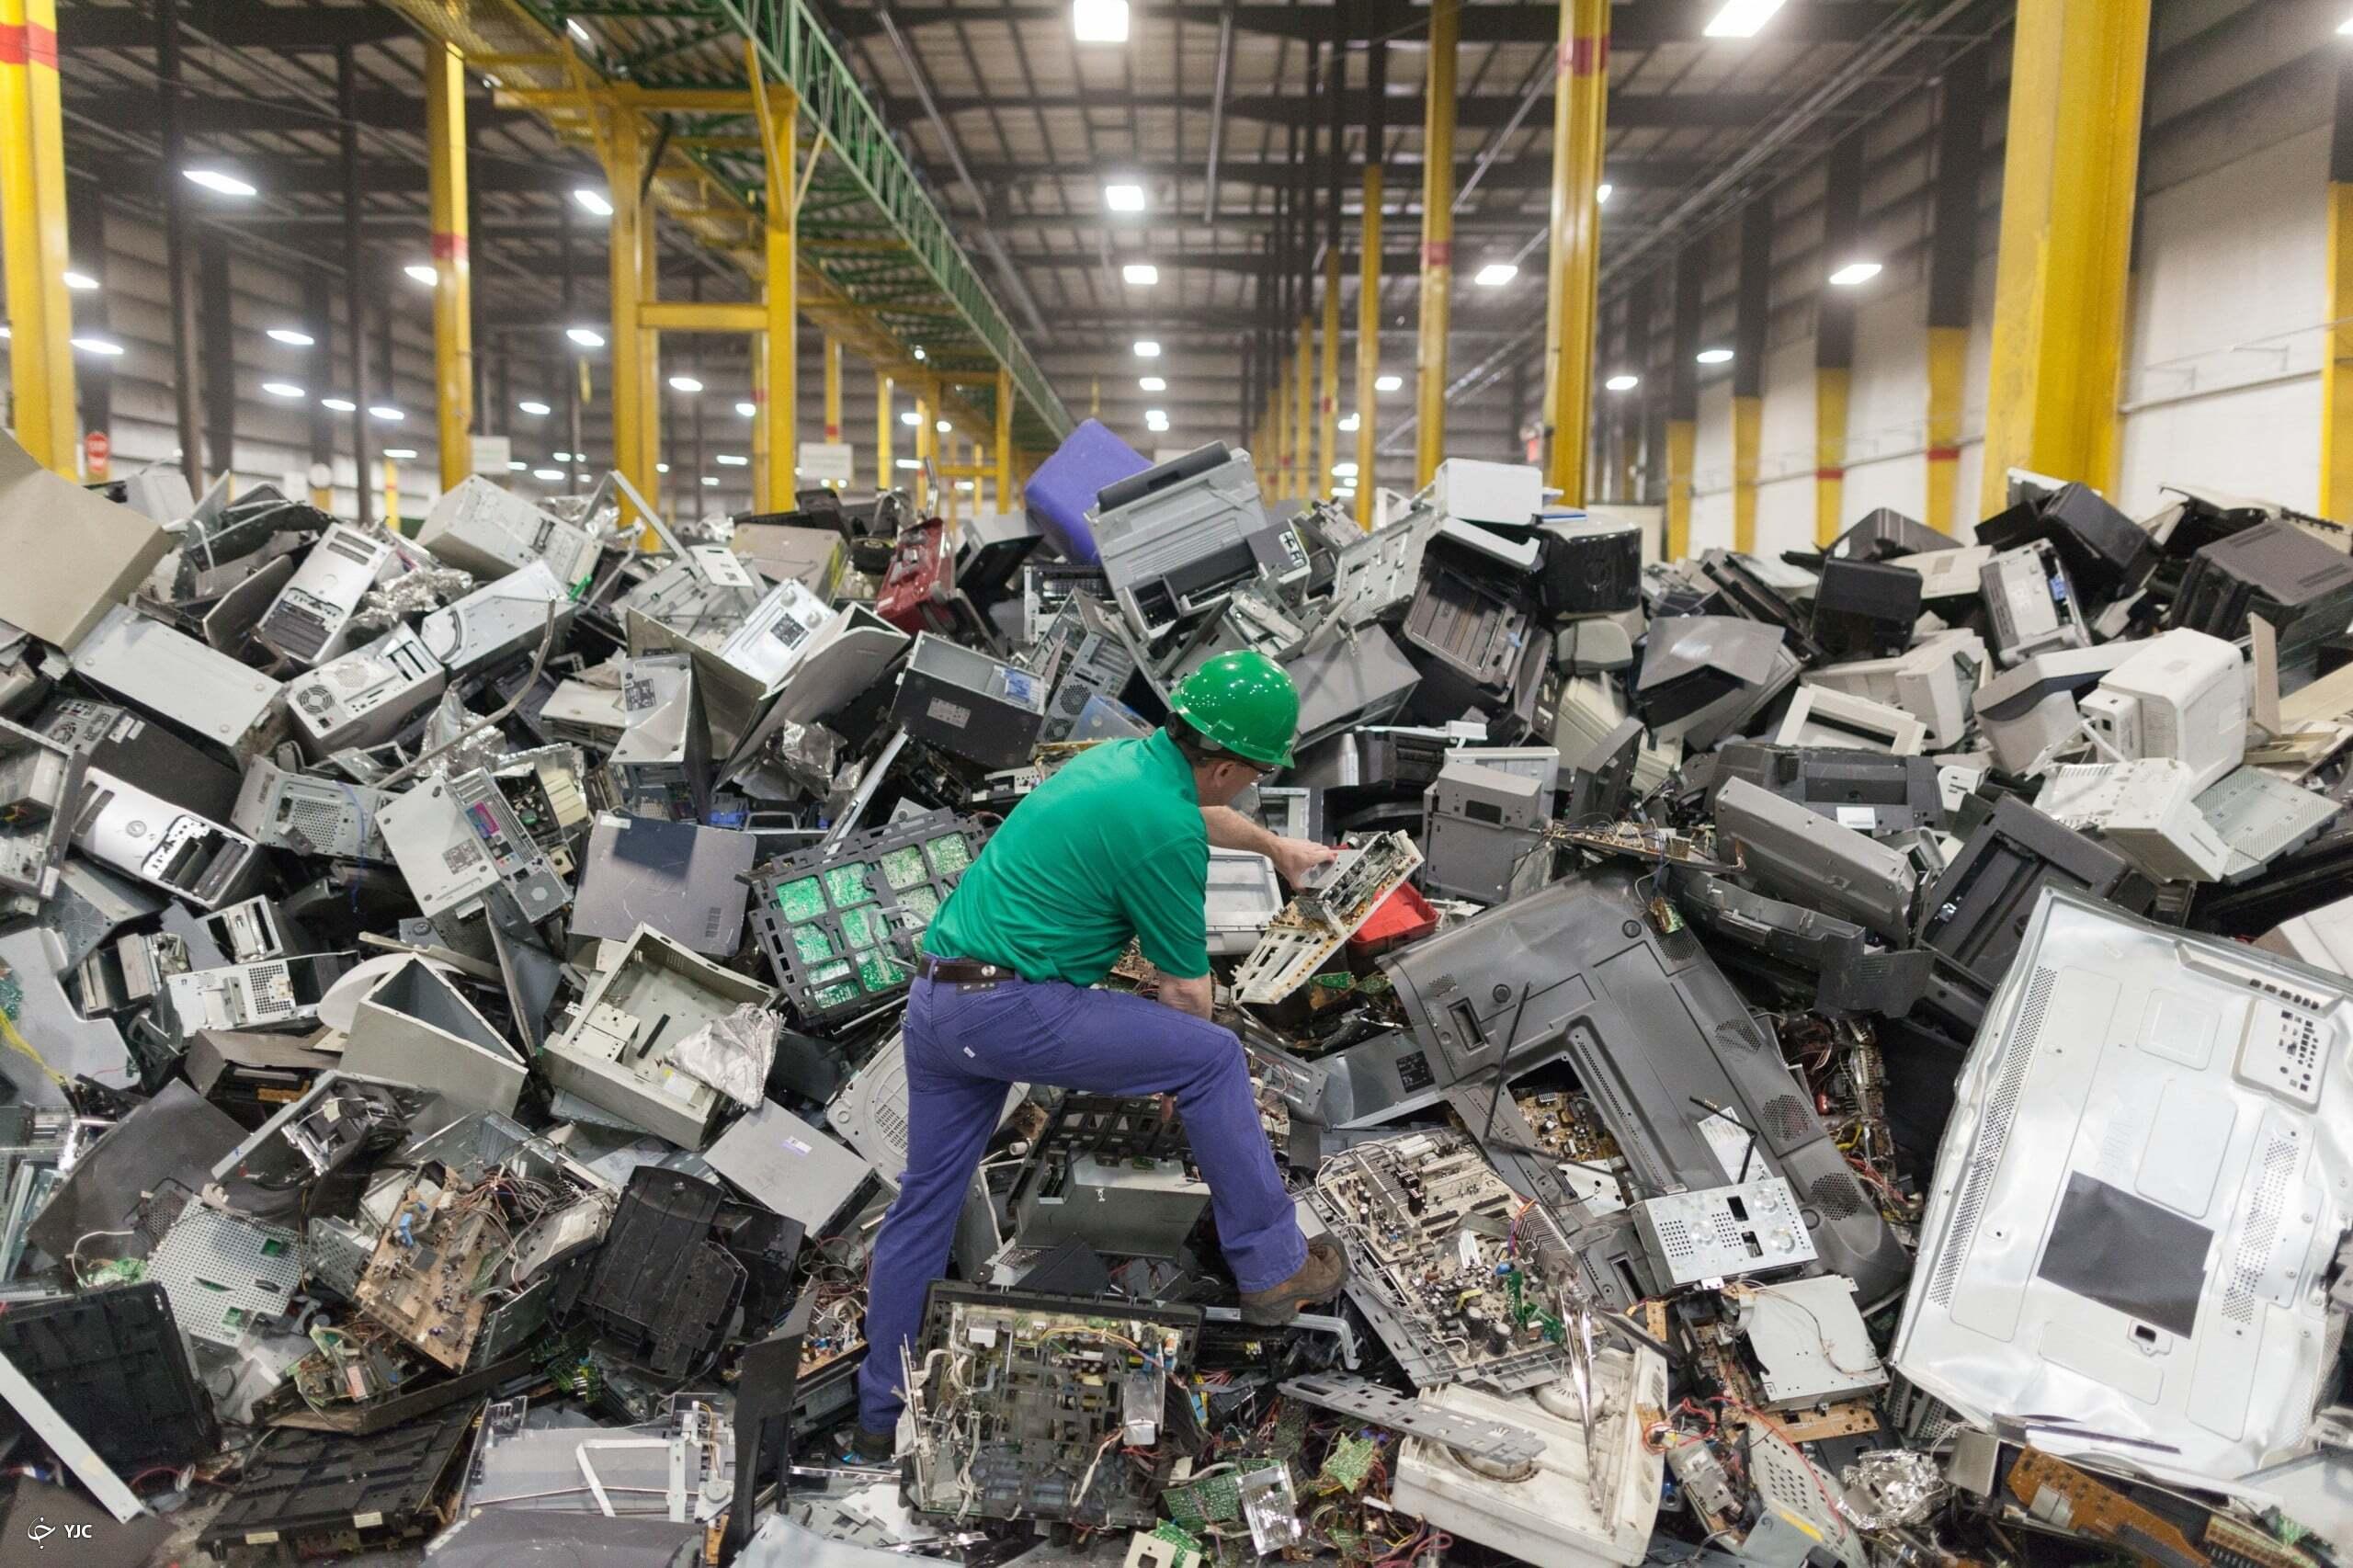 طمع غولهای فناوری و بحران زبالههای الکترونیکی